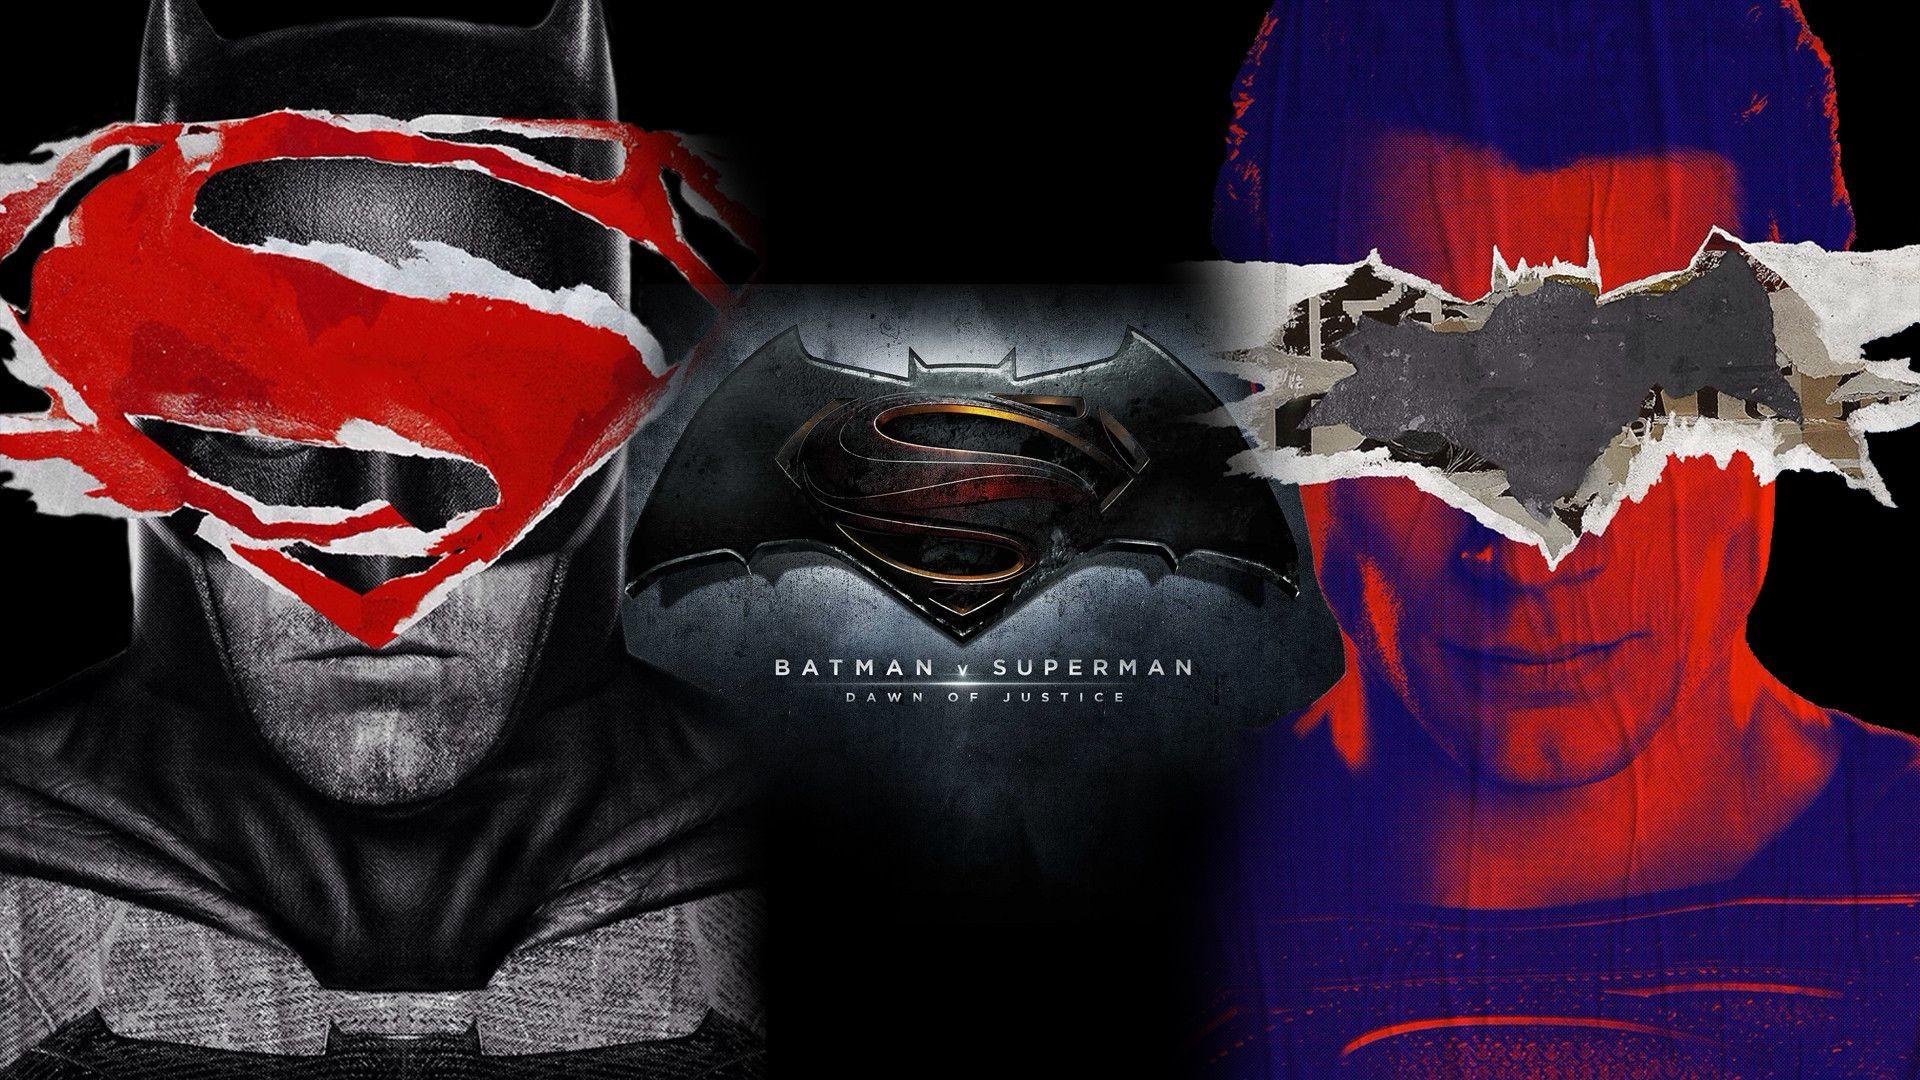 Batman Vs Superman Wallpaper Hd Download Free - Batman Vs Superman Afiches - HD Wallpaper